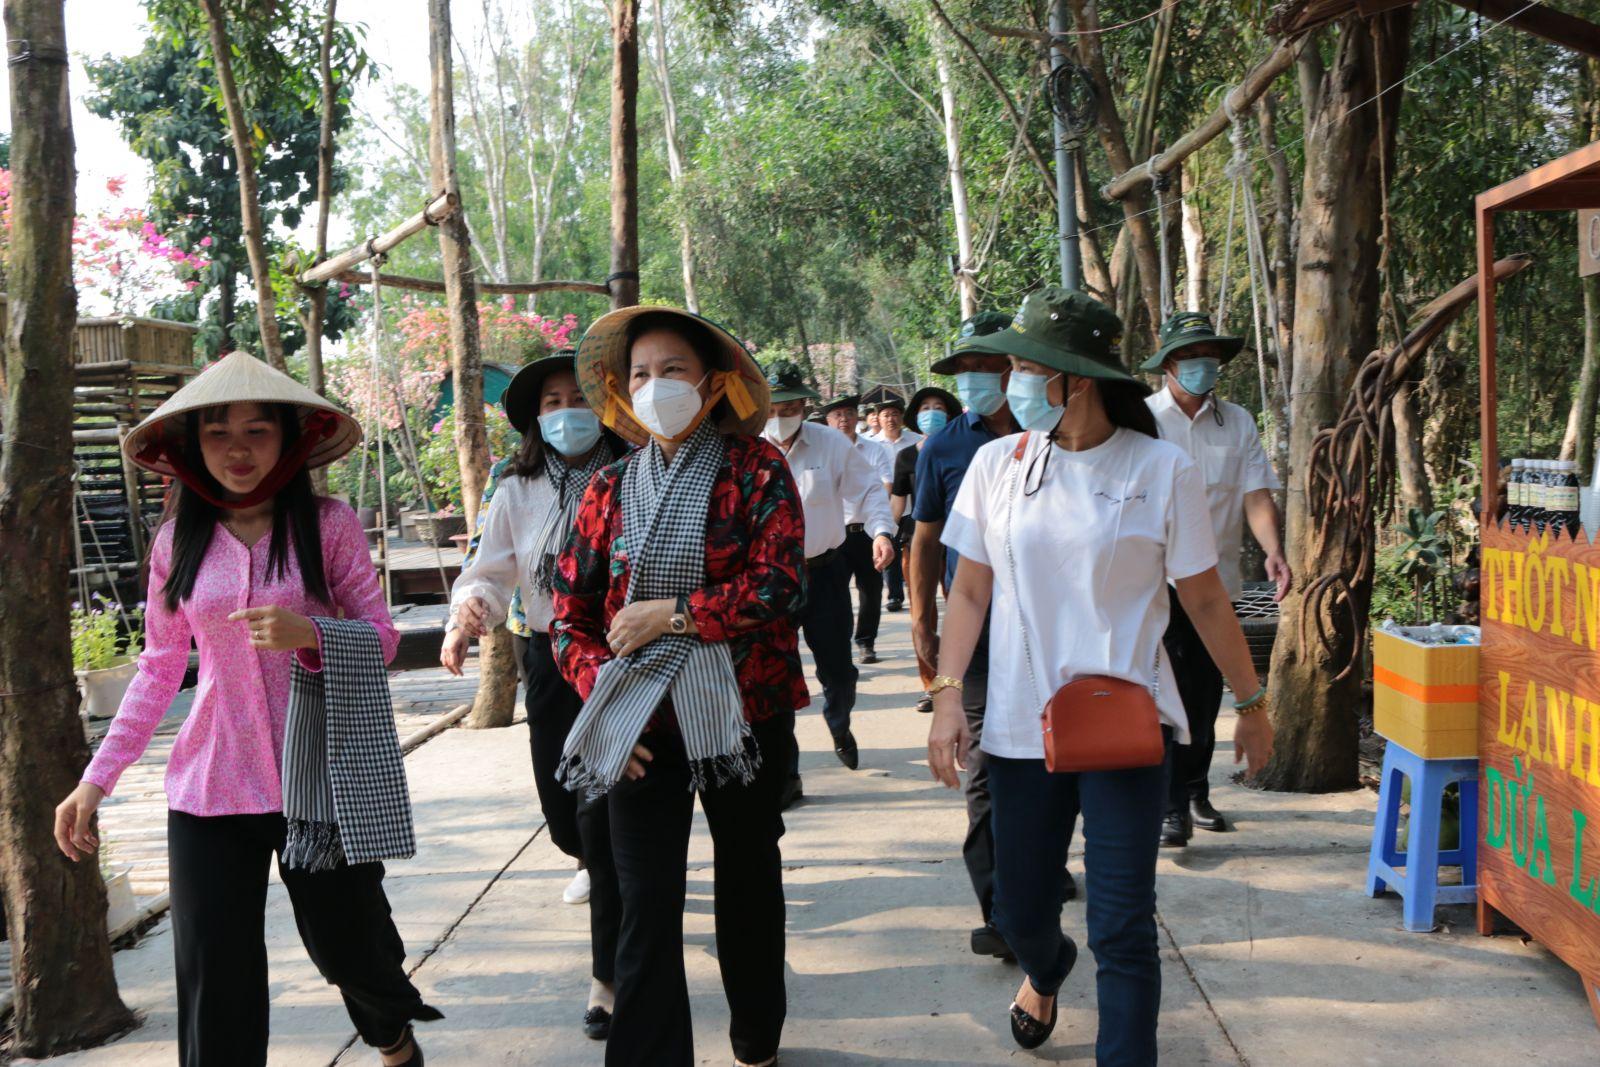 Chủ tịch Quốc hội, Nguyễn Thị Kim Ngân cùng đoàn công tác ấn tượng vẻ đẹp sinh thái nơi đây